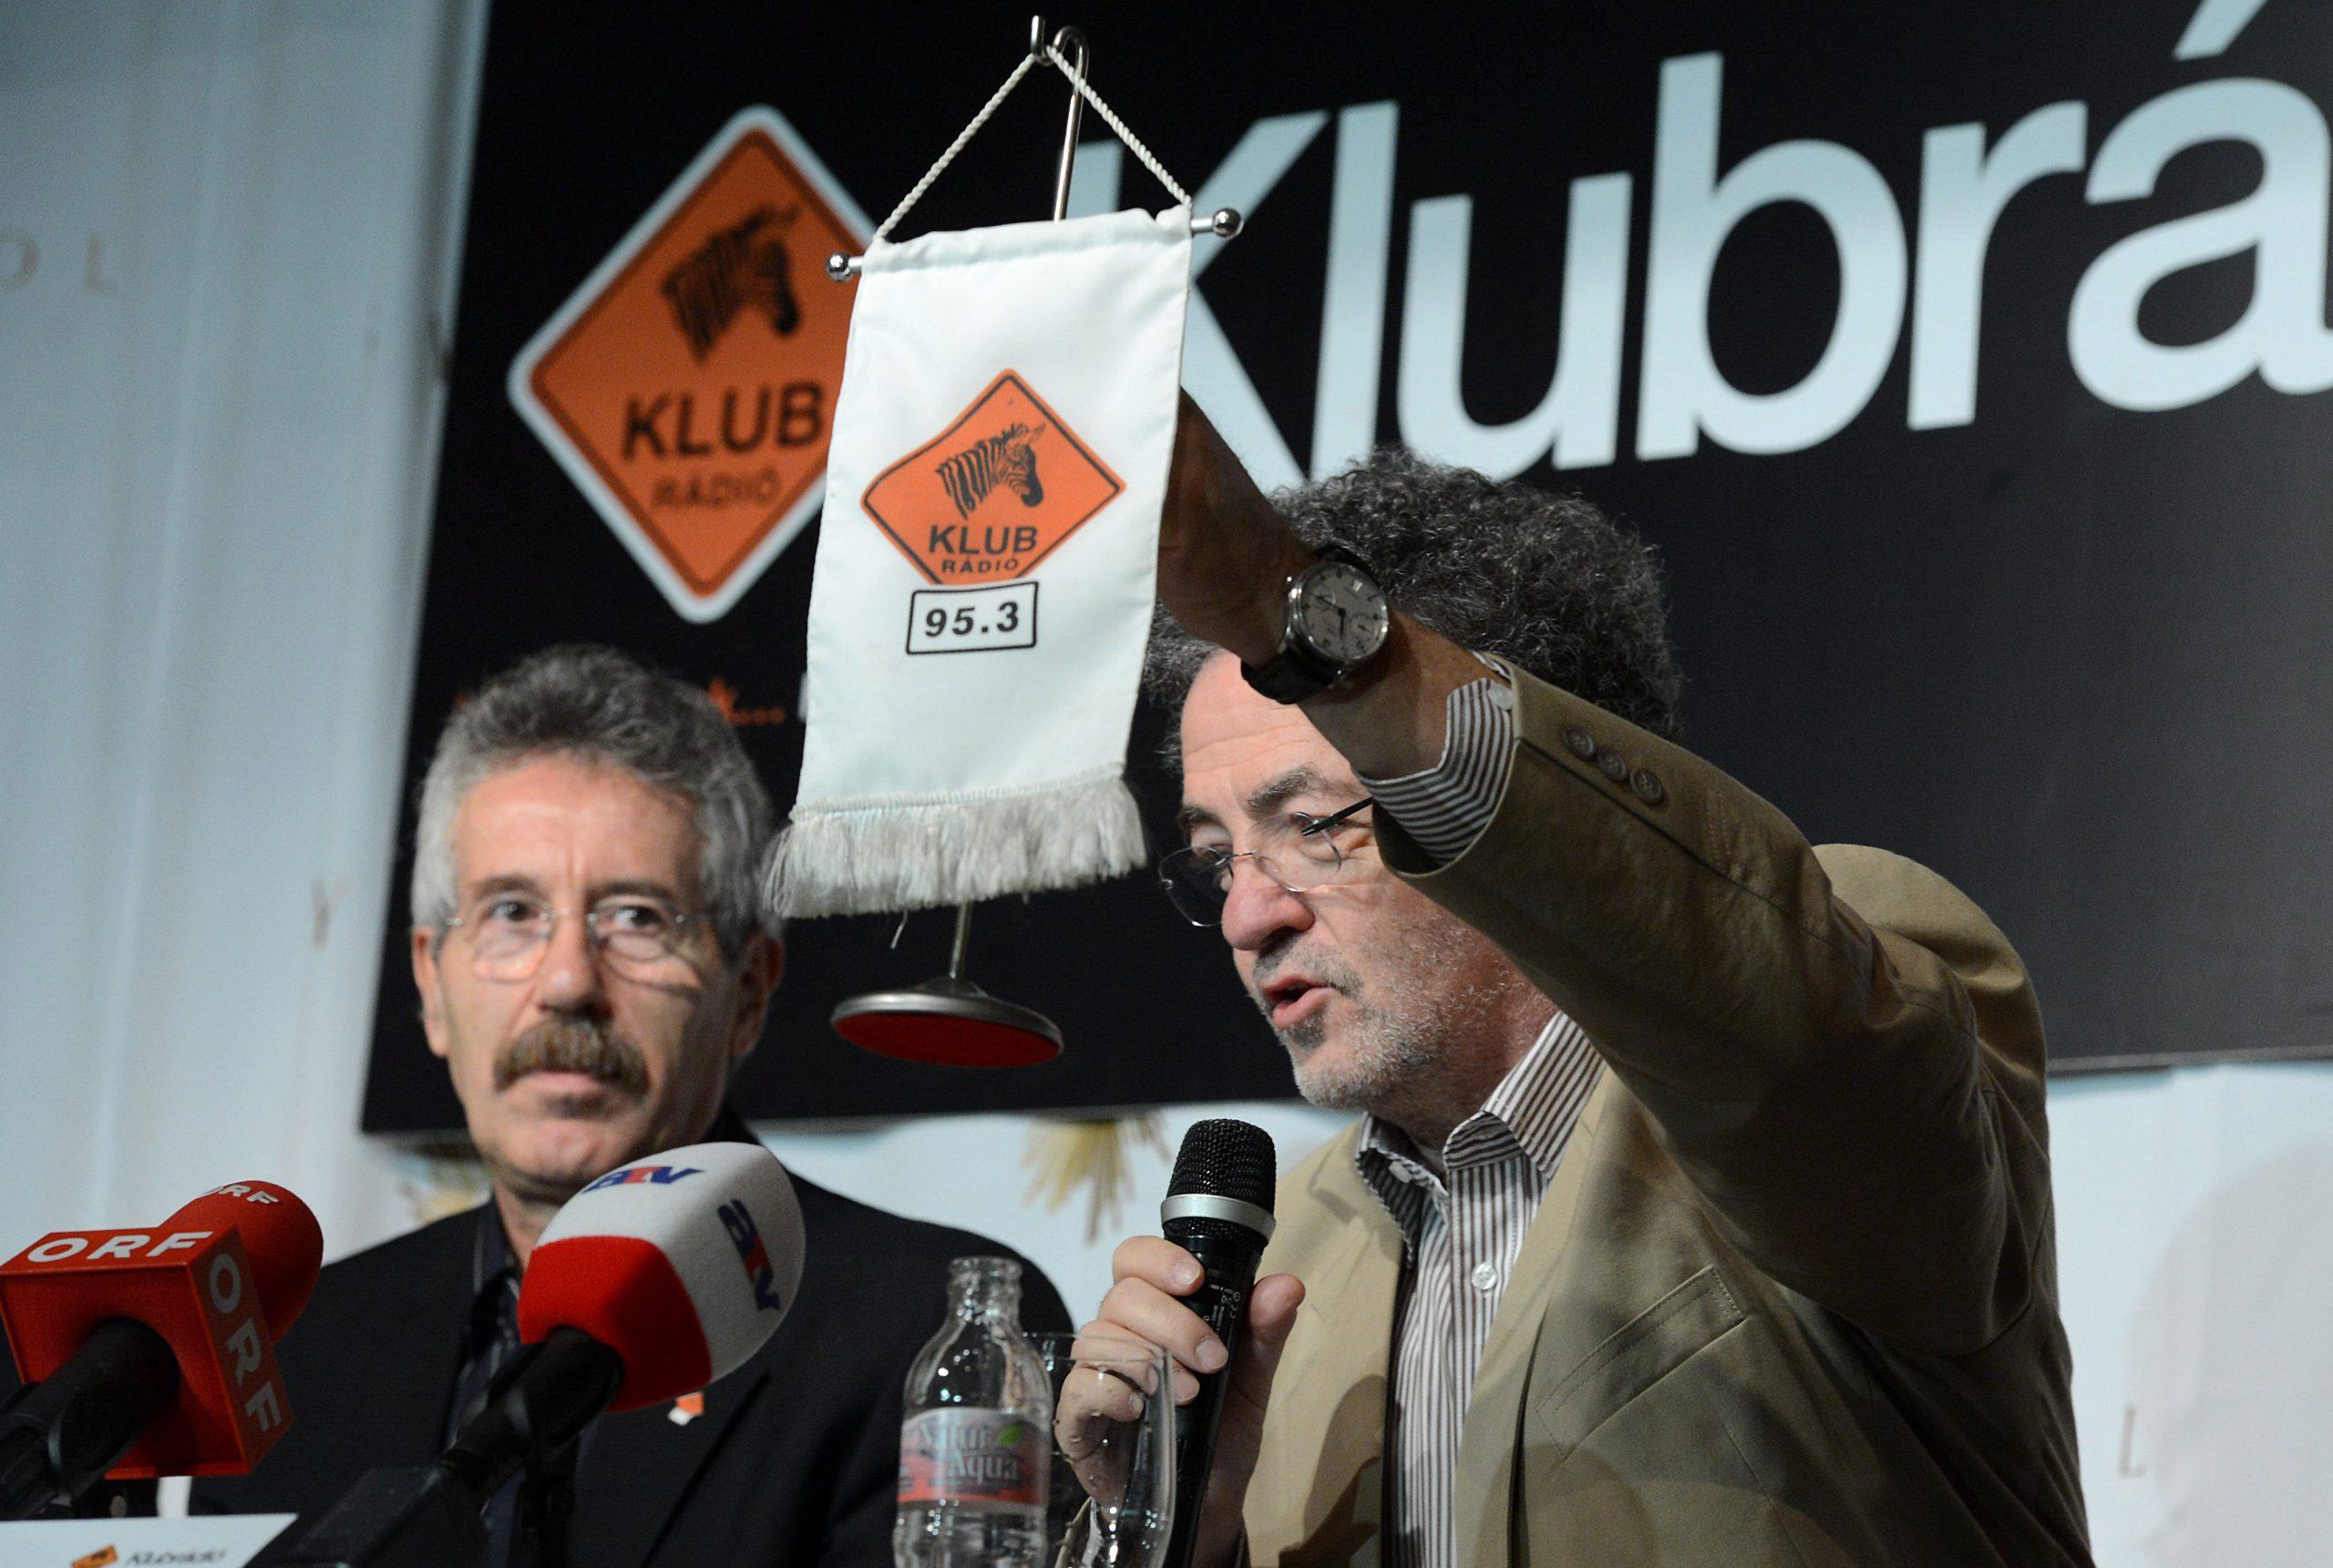 Klubrádió: Das Verfahren des Medienrates